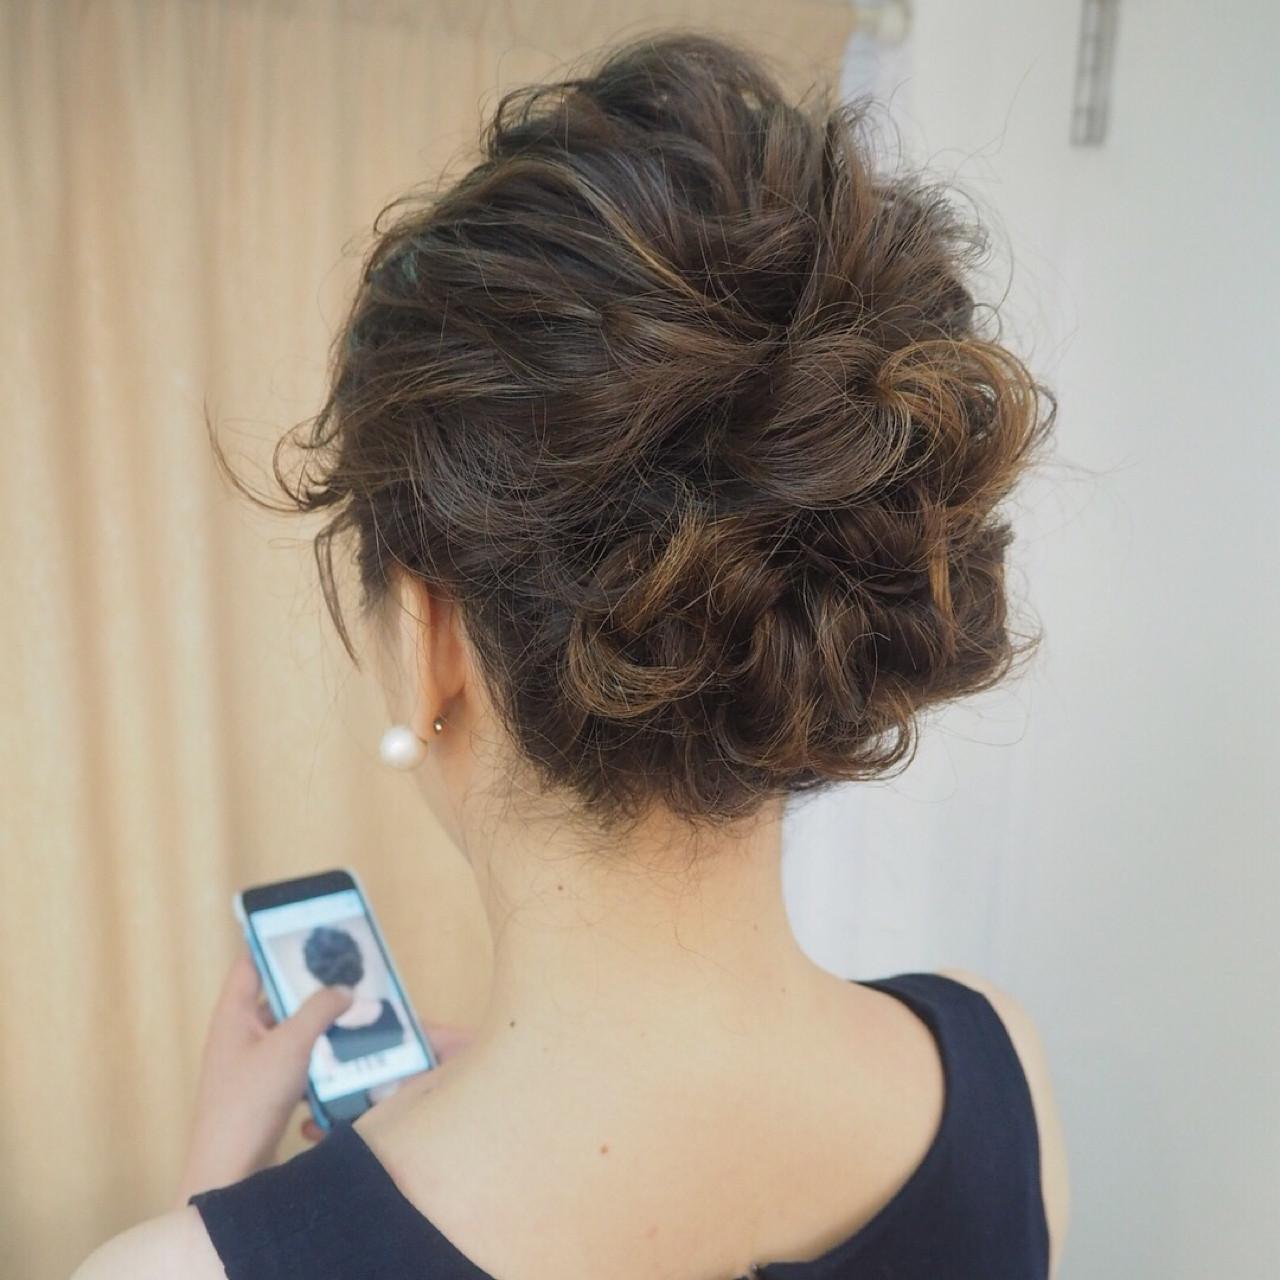 簡単ヘアアレンジ ゆるふわ 成人式 ウェーブ ヘアスタイルや髪型の写真・画像 | 宮迫 真美 / airfeel